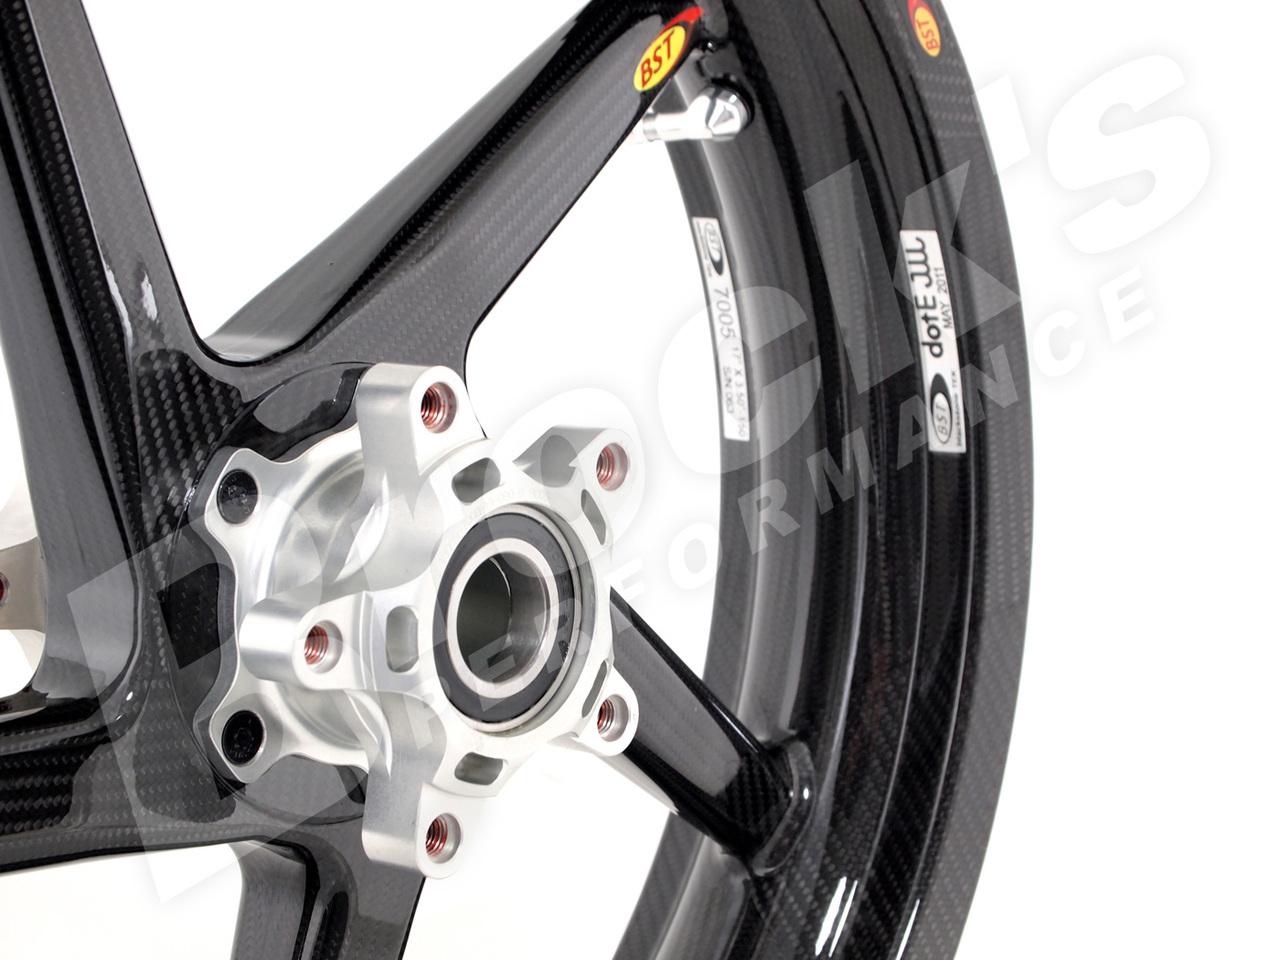 BST Diamond TEK 17 x 3.5 R+ Series Front Wheel - Suzuki GSX-R1000 (09-20) / GSX-R1000R (17-20) / GSX-R750/600 (08-10)